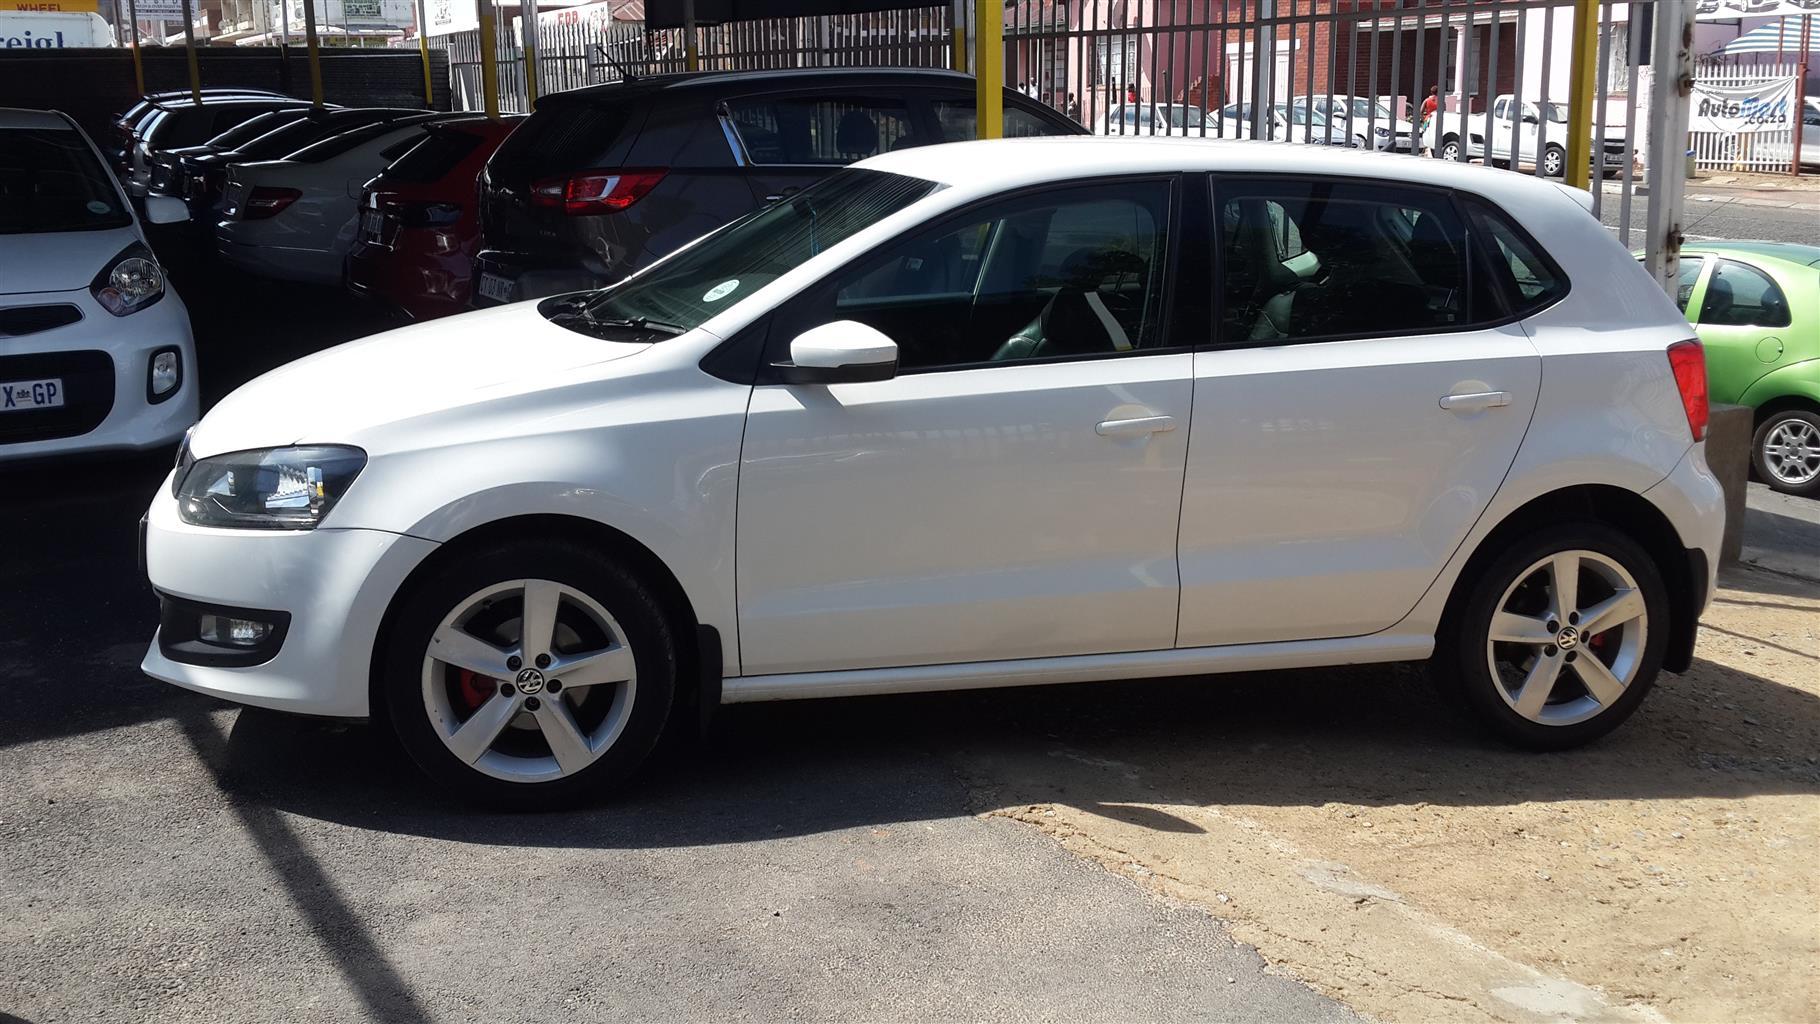 Spiksplinternieuw Vw Polo 1.6 For Sale In Pretoria | RLDM VW-83